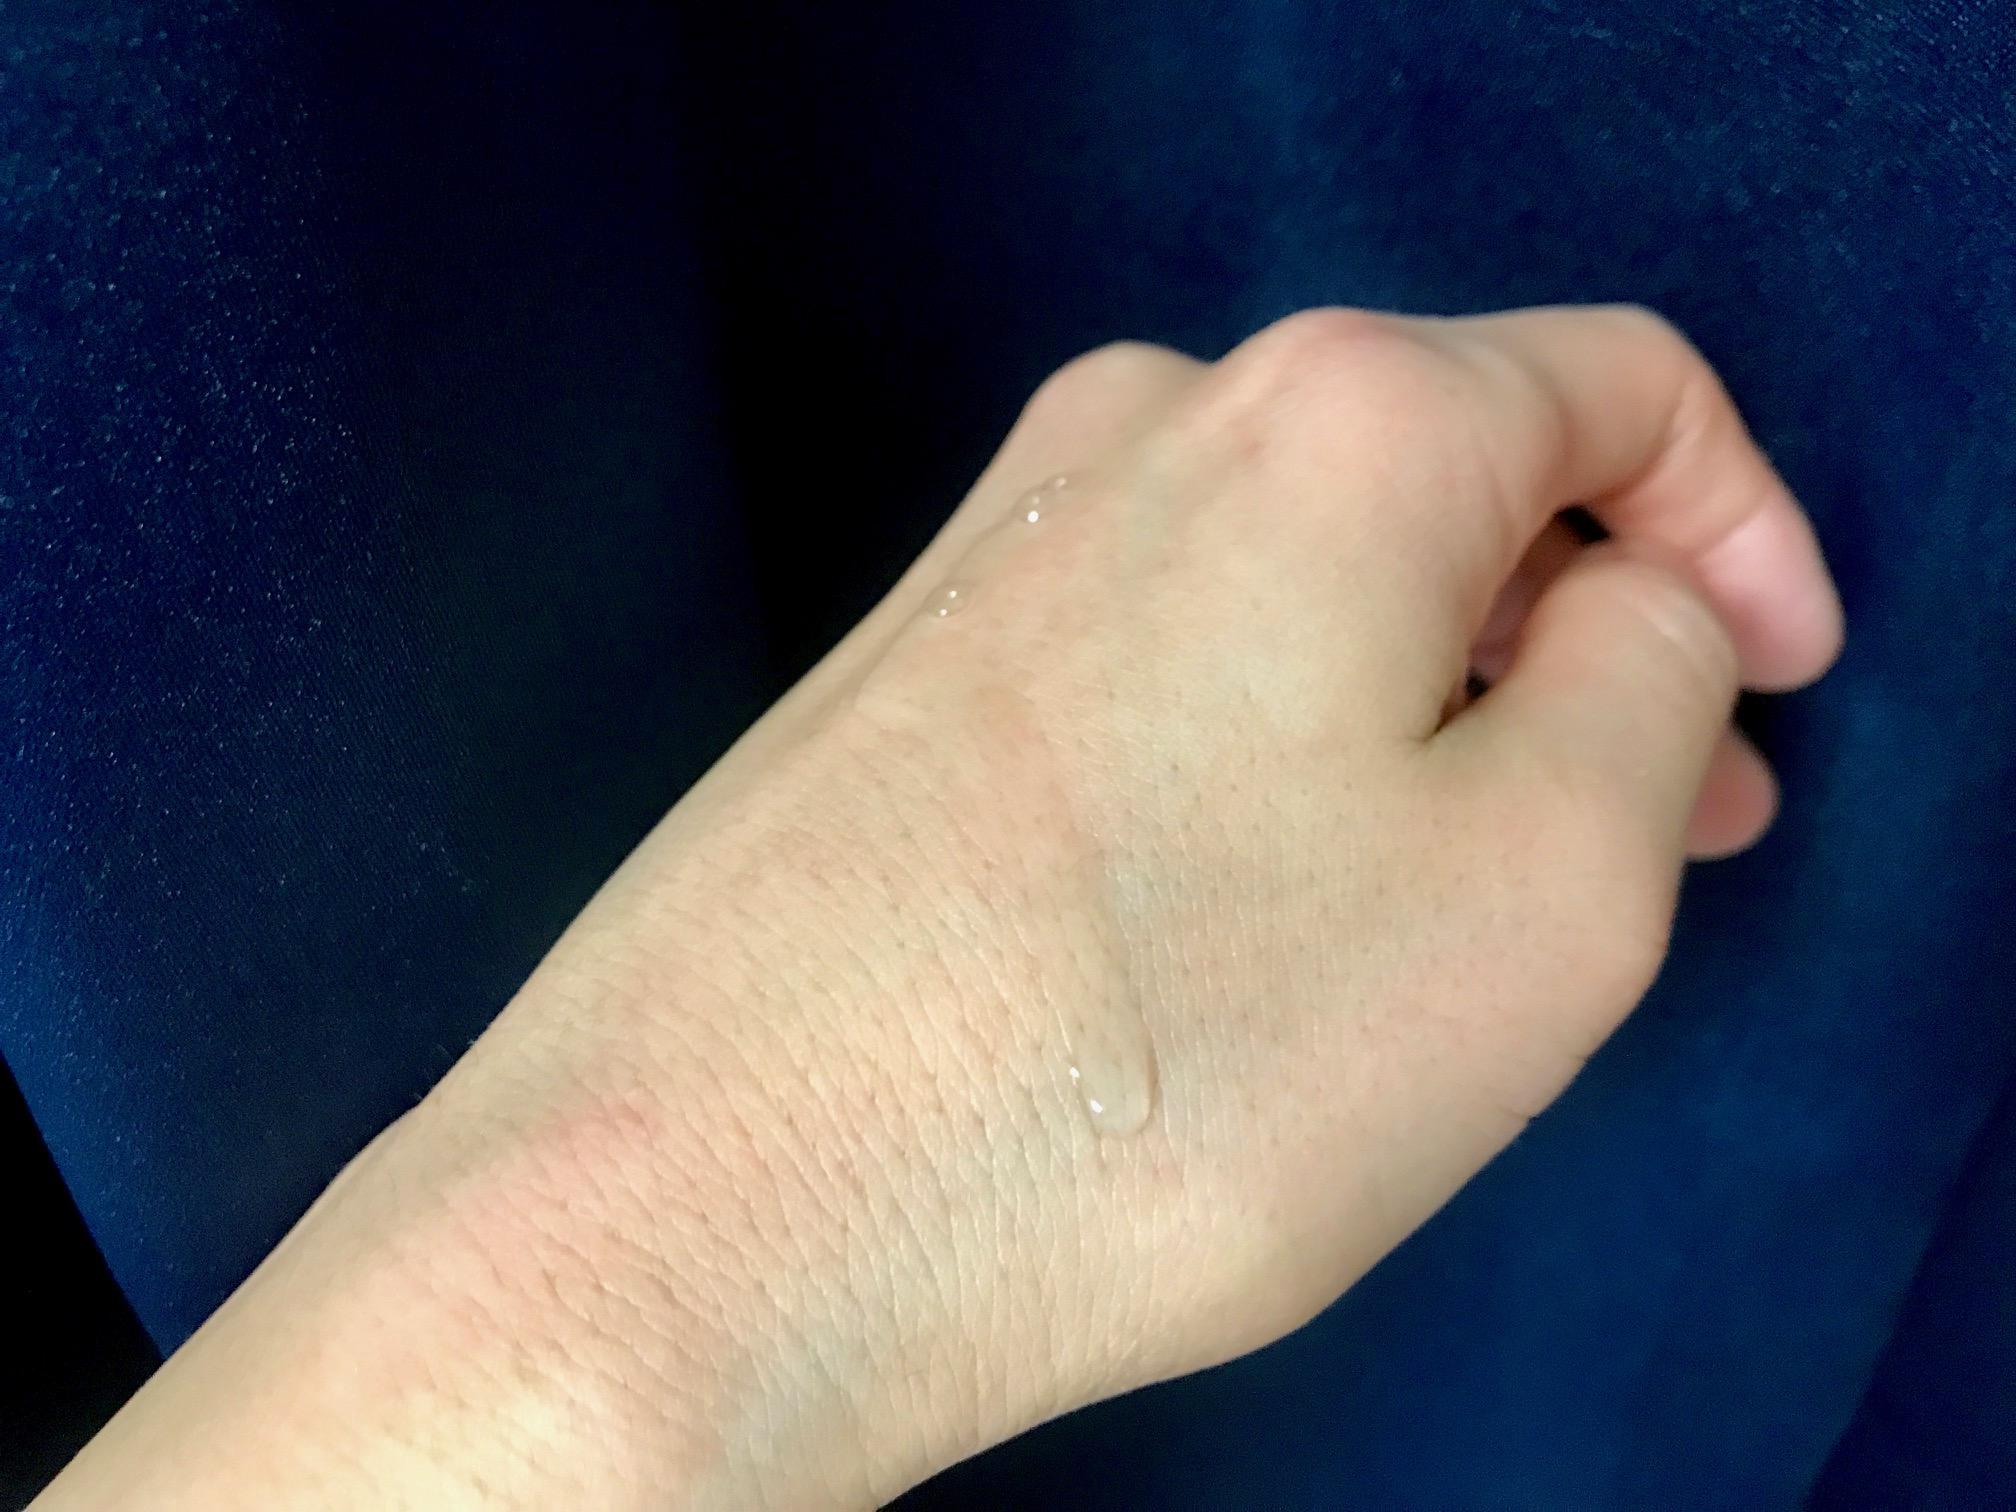 シミの悩みにおすすめの化粧品特集 - シミ対策スキンケア、気になるシミをカバーするコンシーラーまとめ_16